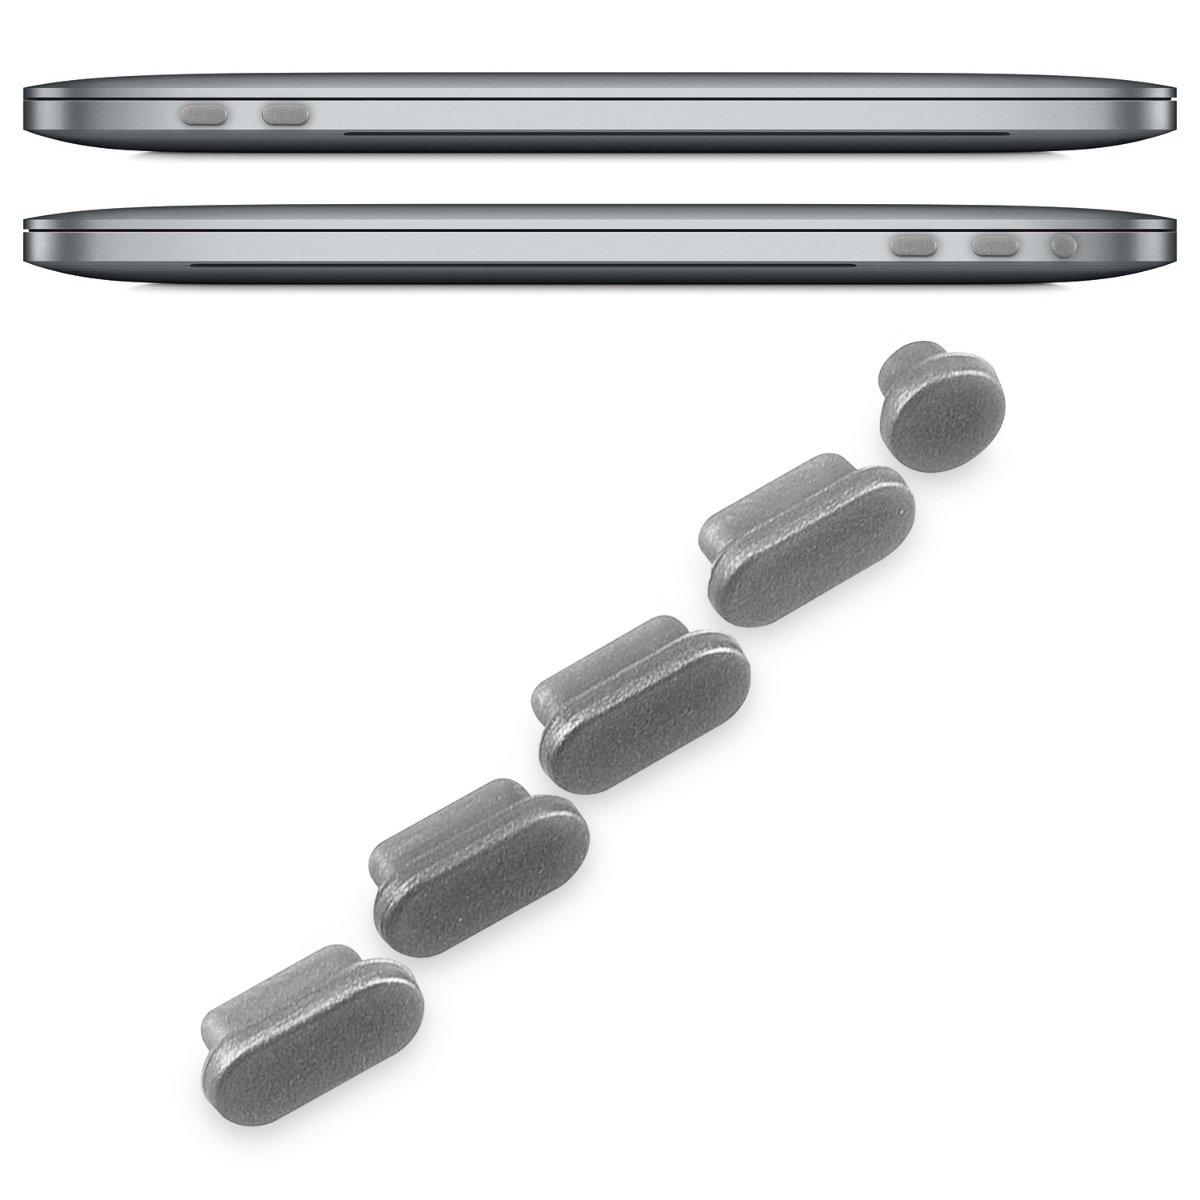 15 St/öpsel Stecker Dust Plug Staubstecker in Schwarz kwmobile 5x Staubschutz Set f/ür Apple MacBook Pro 13 ab 2016